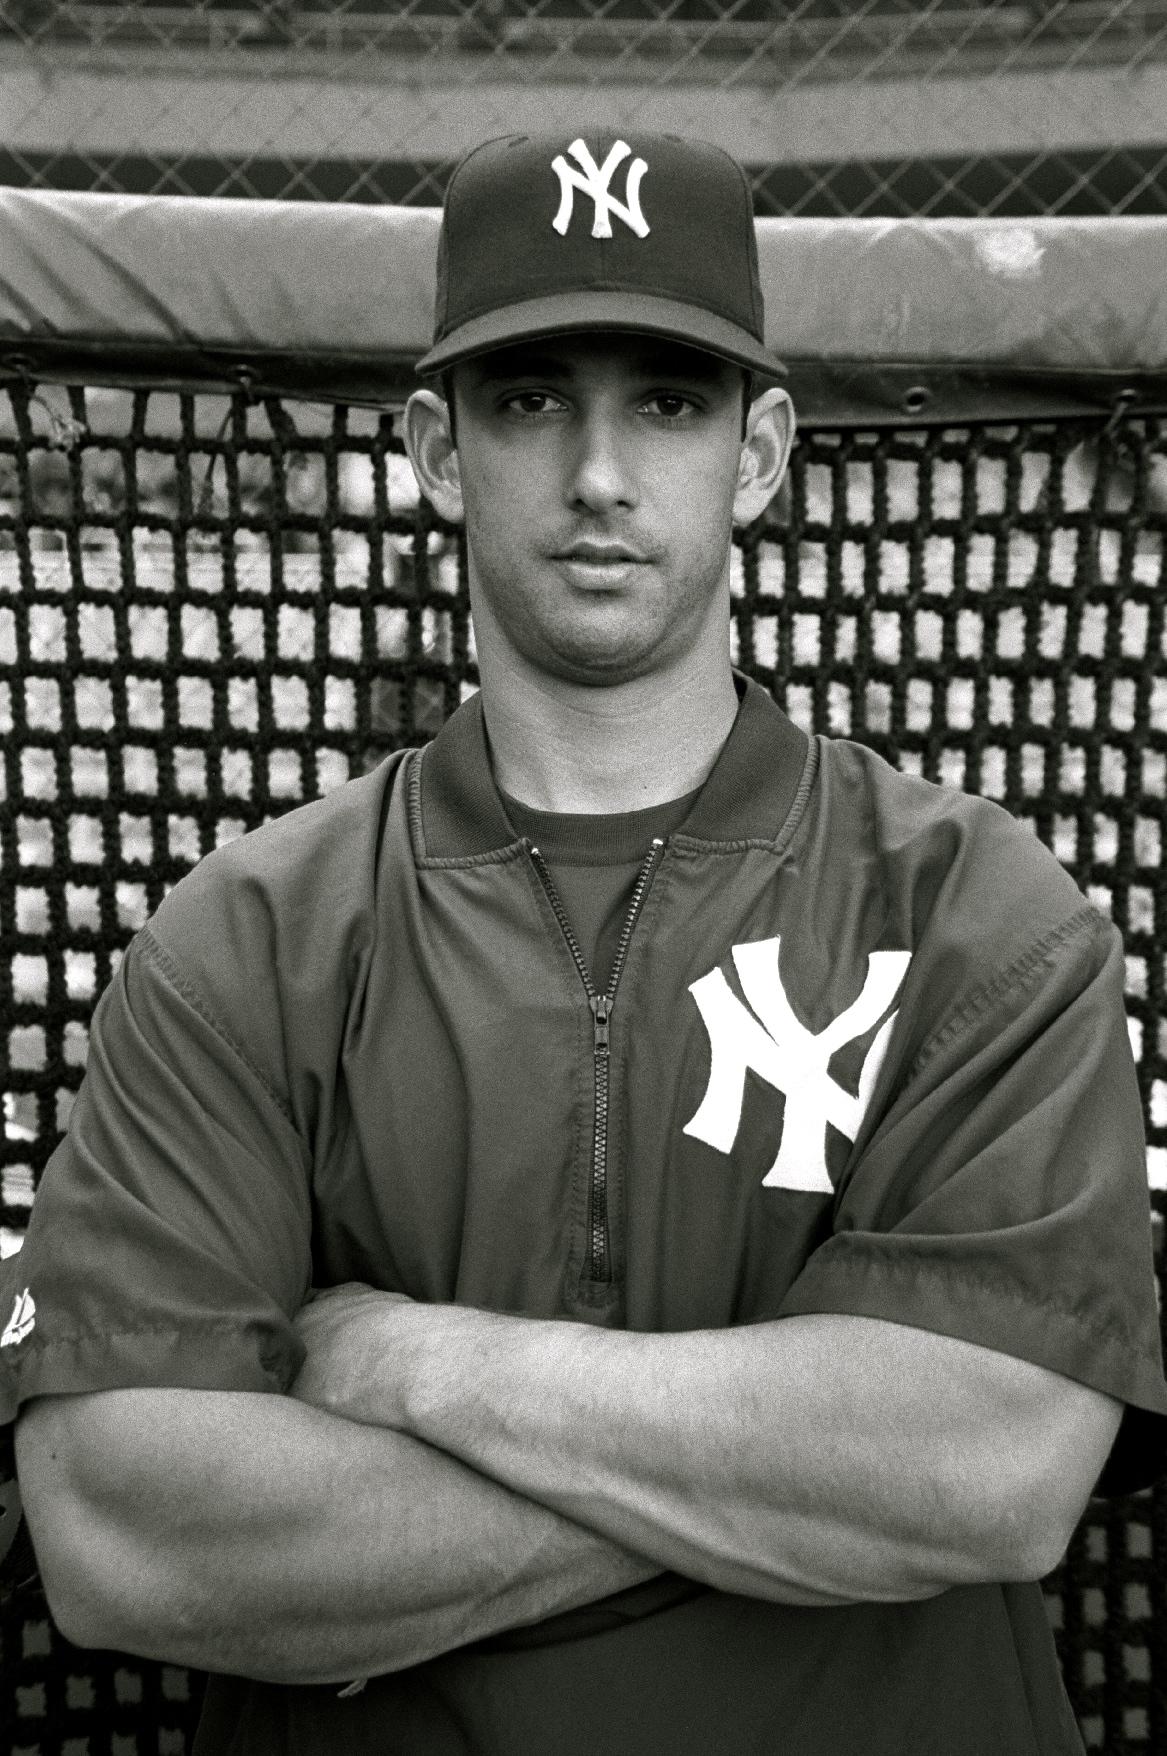 Jorge Posada, The New York Yankees